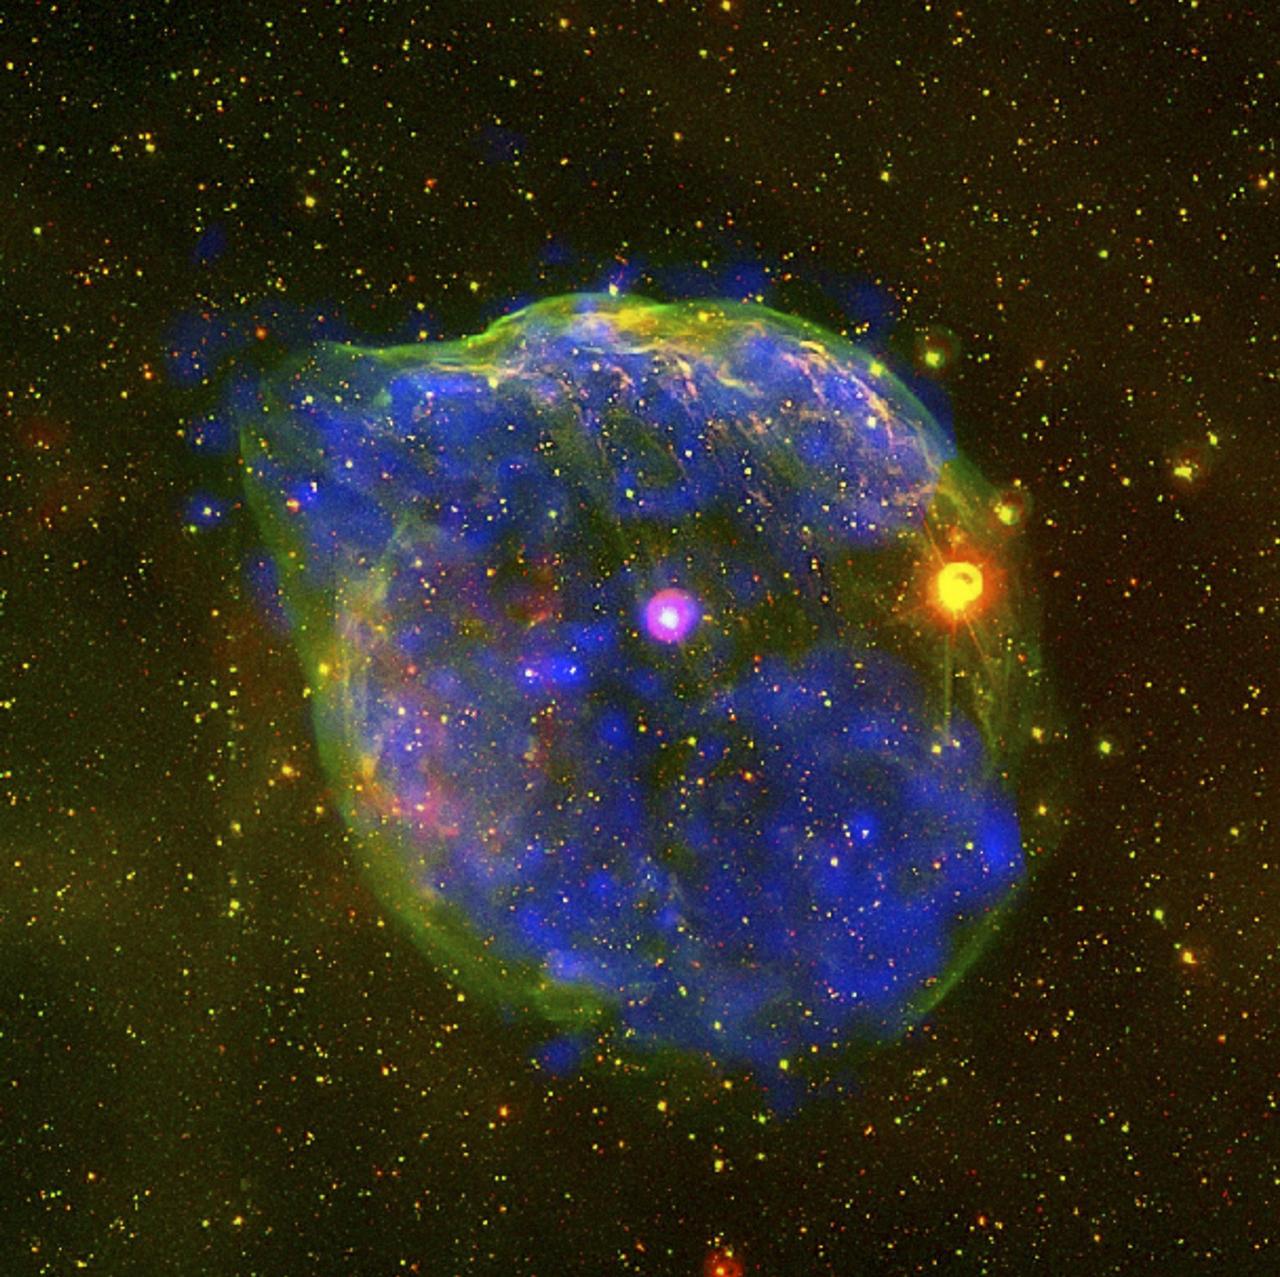 1567215466790-XMM-Newton_Wolf-Rayet_bubble_1280.jpg